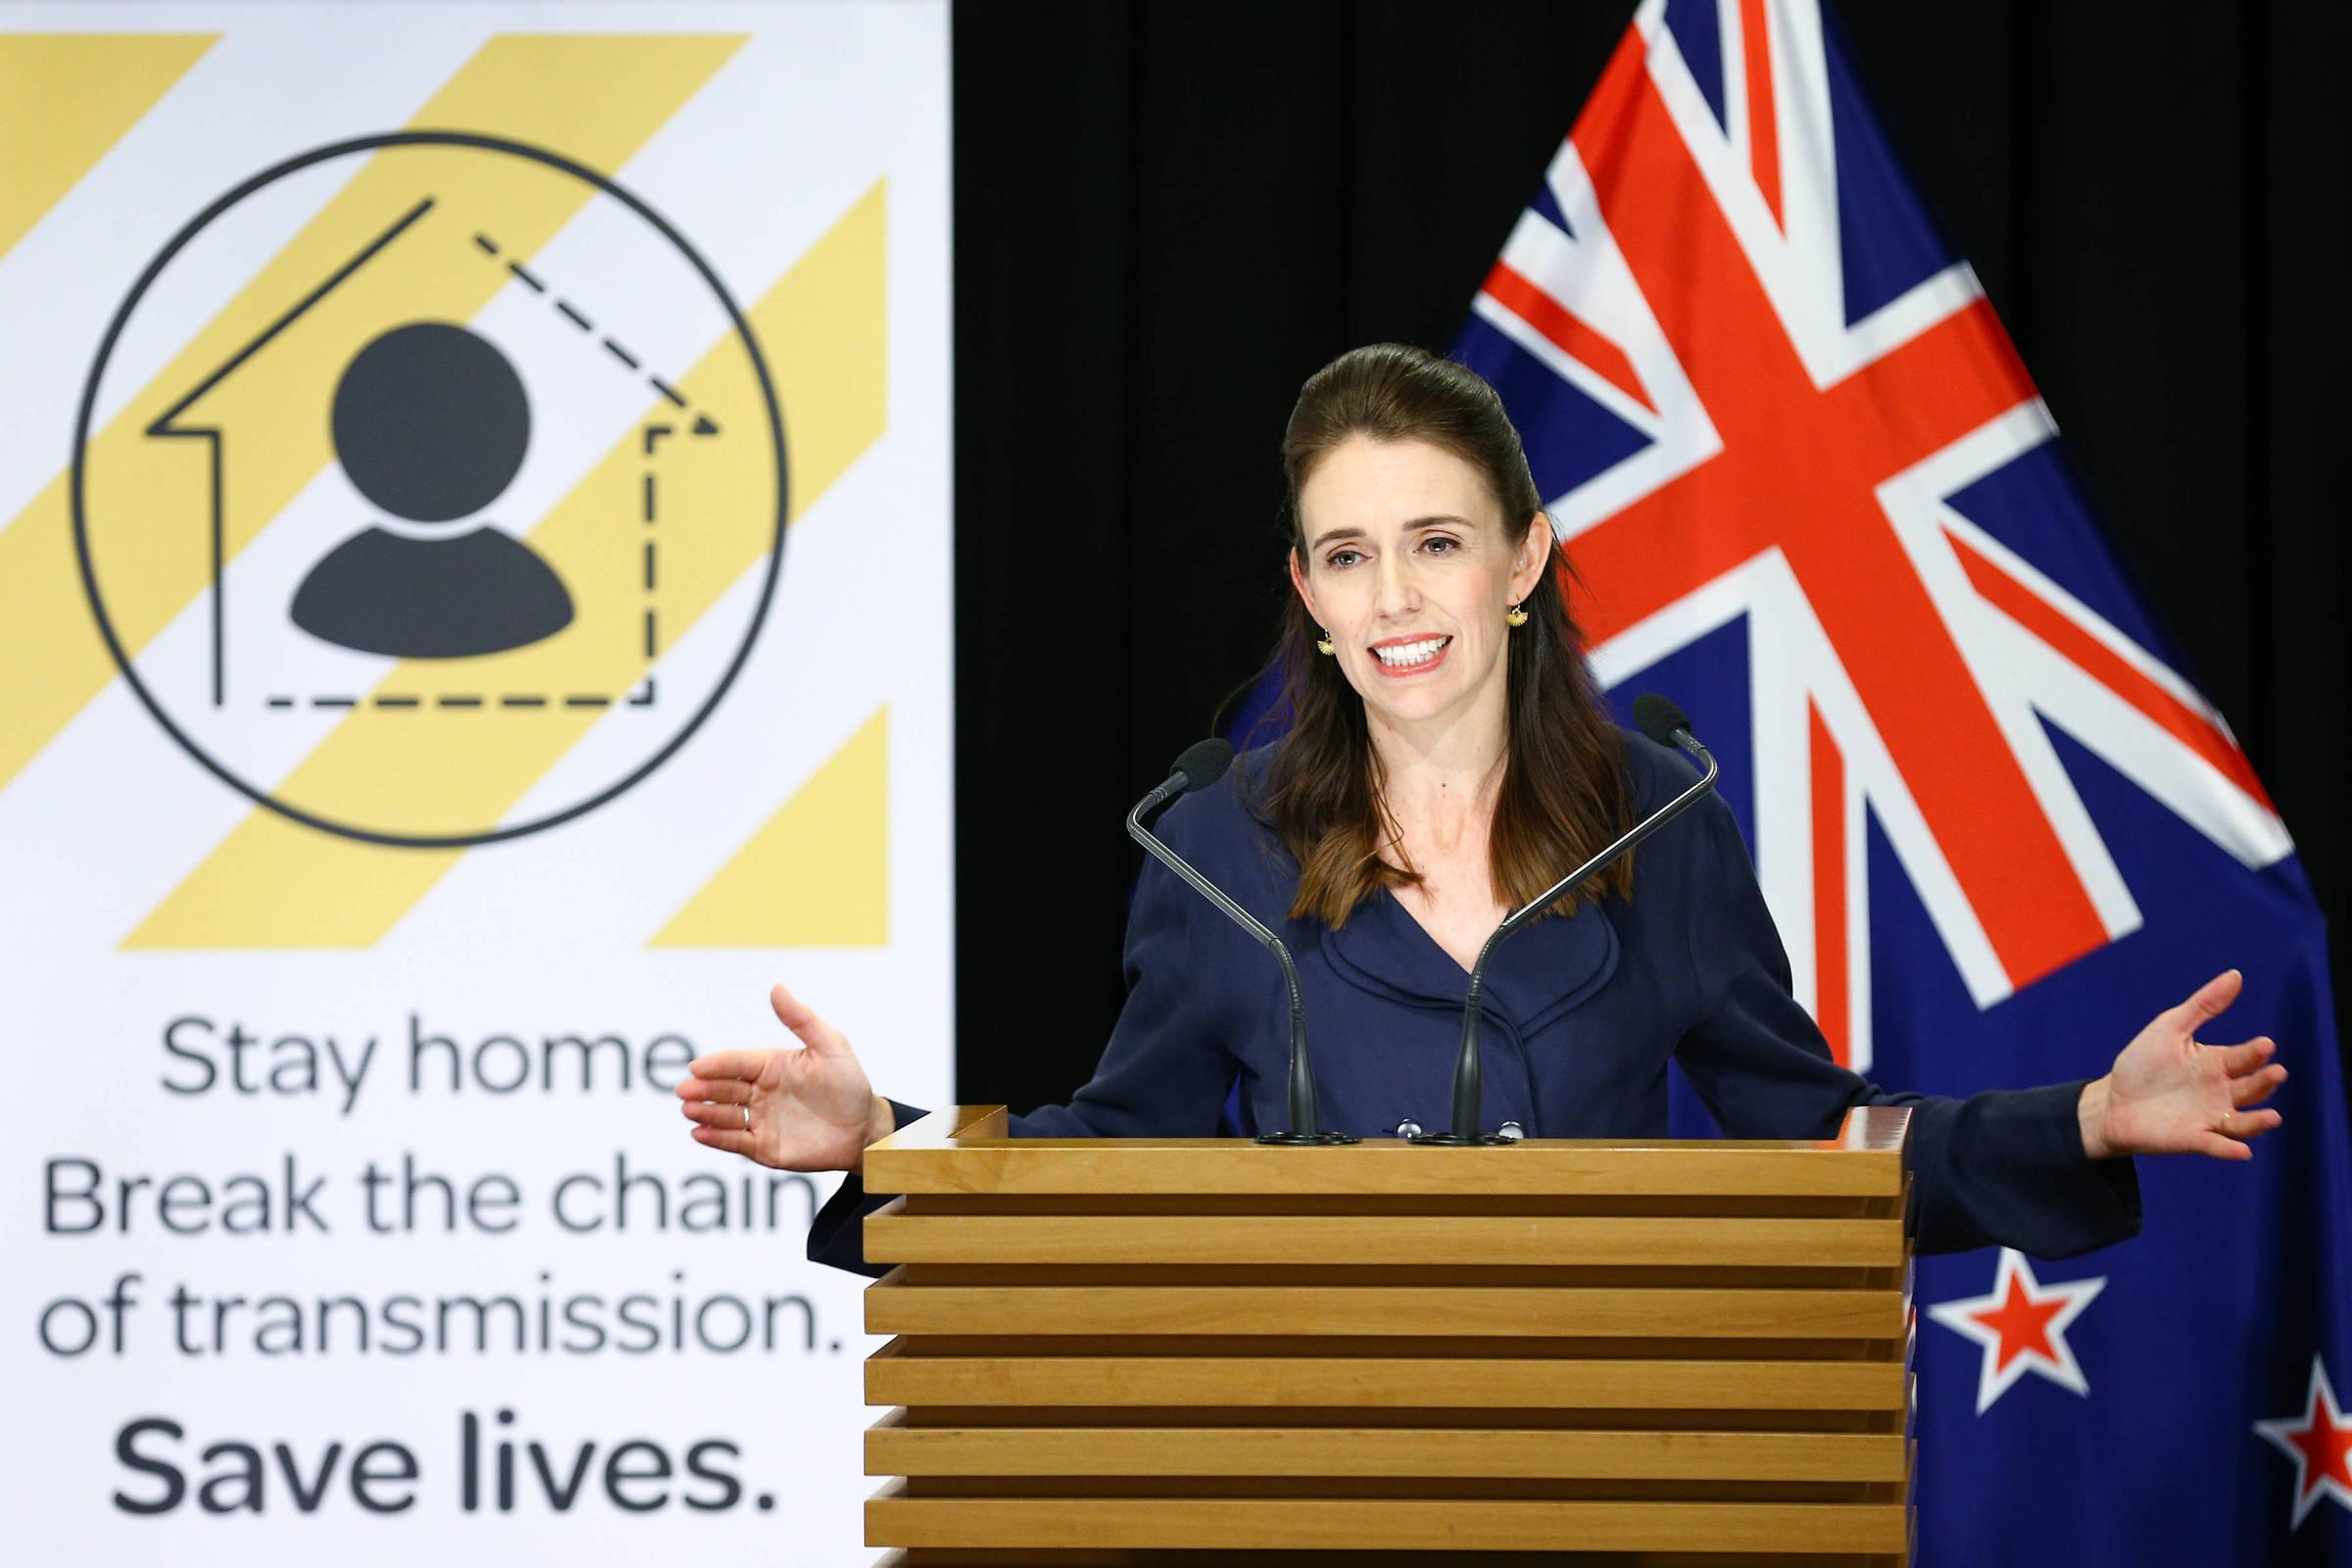 Em meio à pandemia, Nova Zelândia considera coelho da Páscoa trabalhador essencial - 06/04/2020 - Mundo - Folha